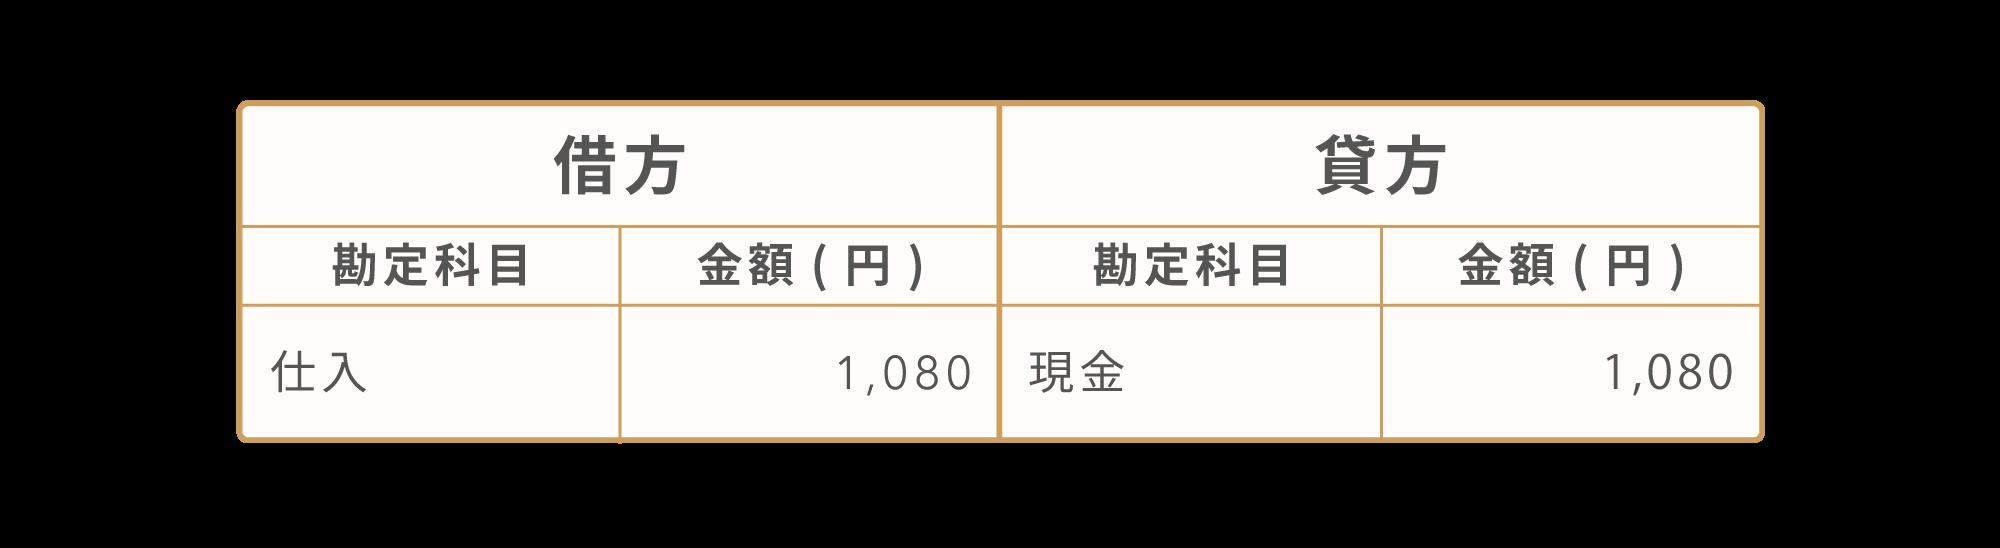 税込経理方式の場合[借方:仕入1,080円、貸方:現金1,080円]